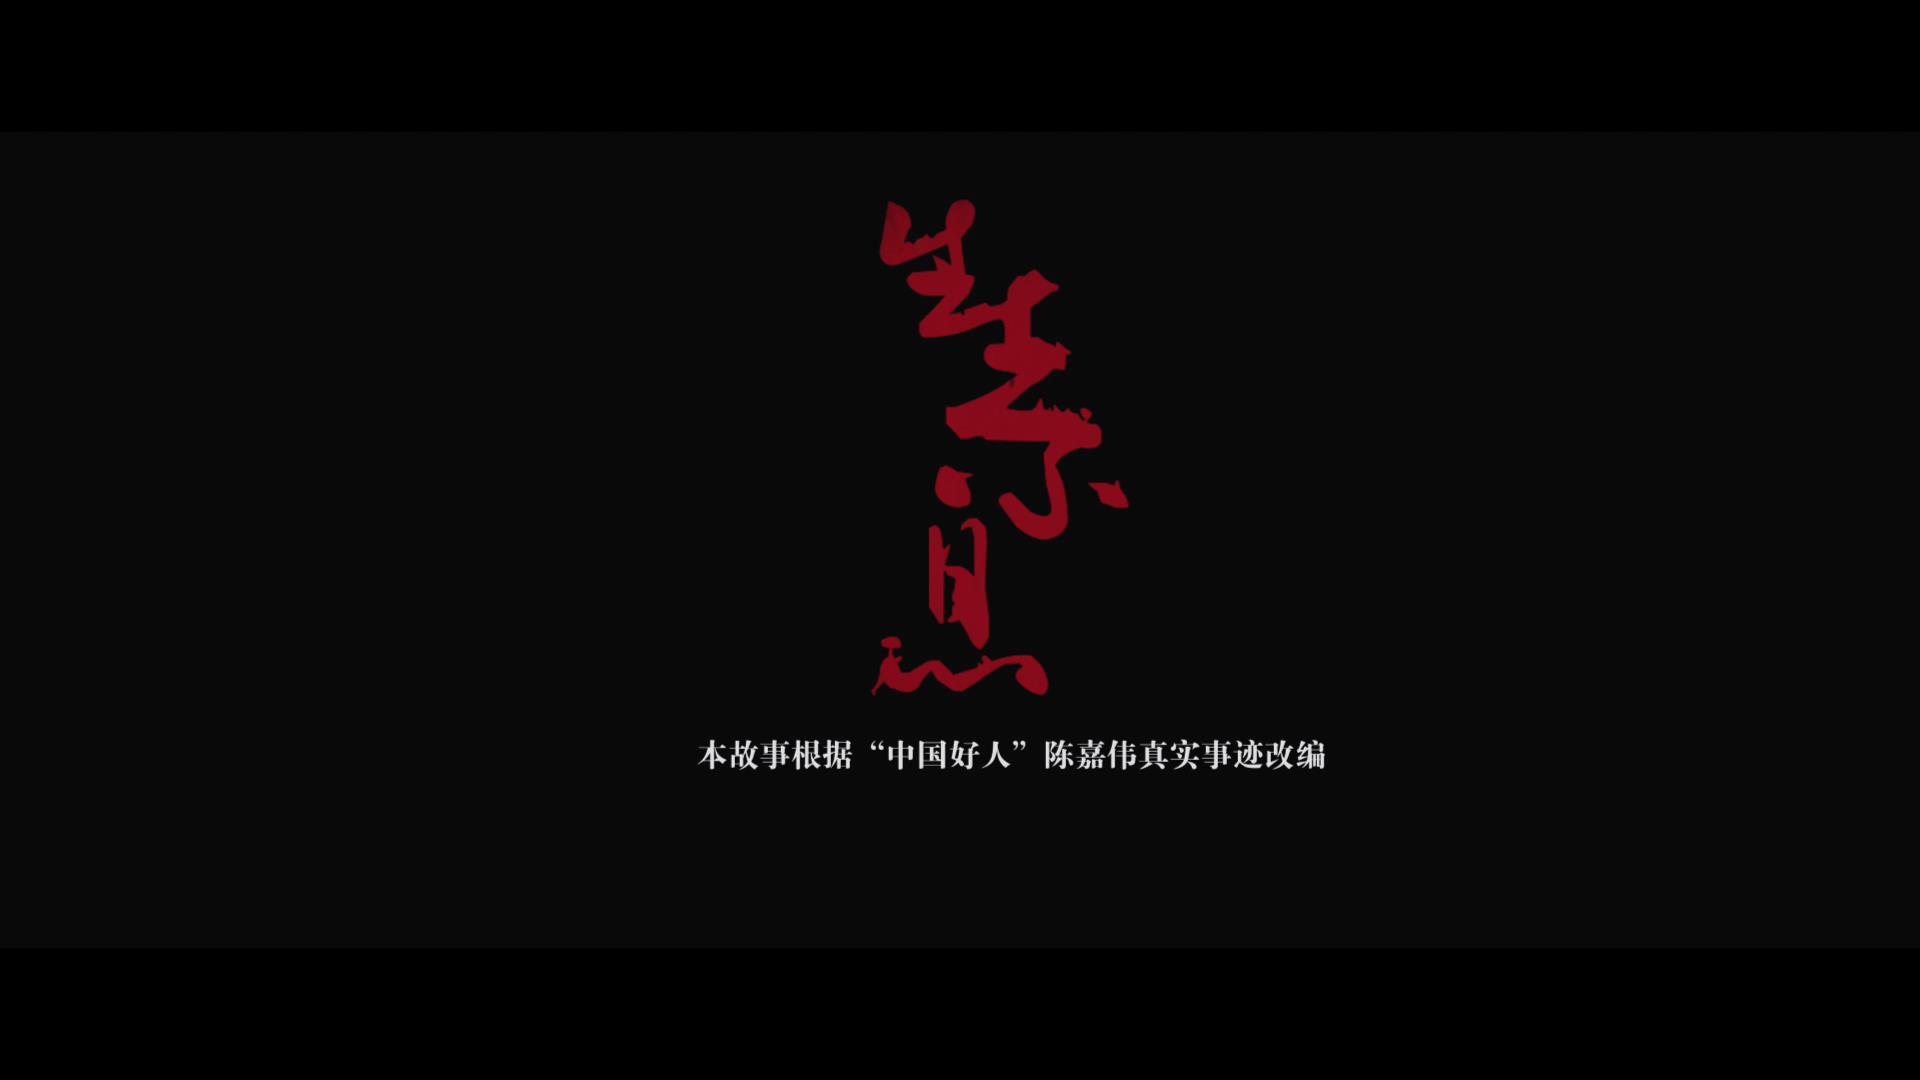 合肥:生生不息(经开区好人微电影定) ([00_00_44][20190514-164926].jpg